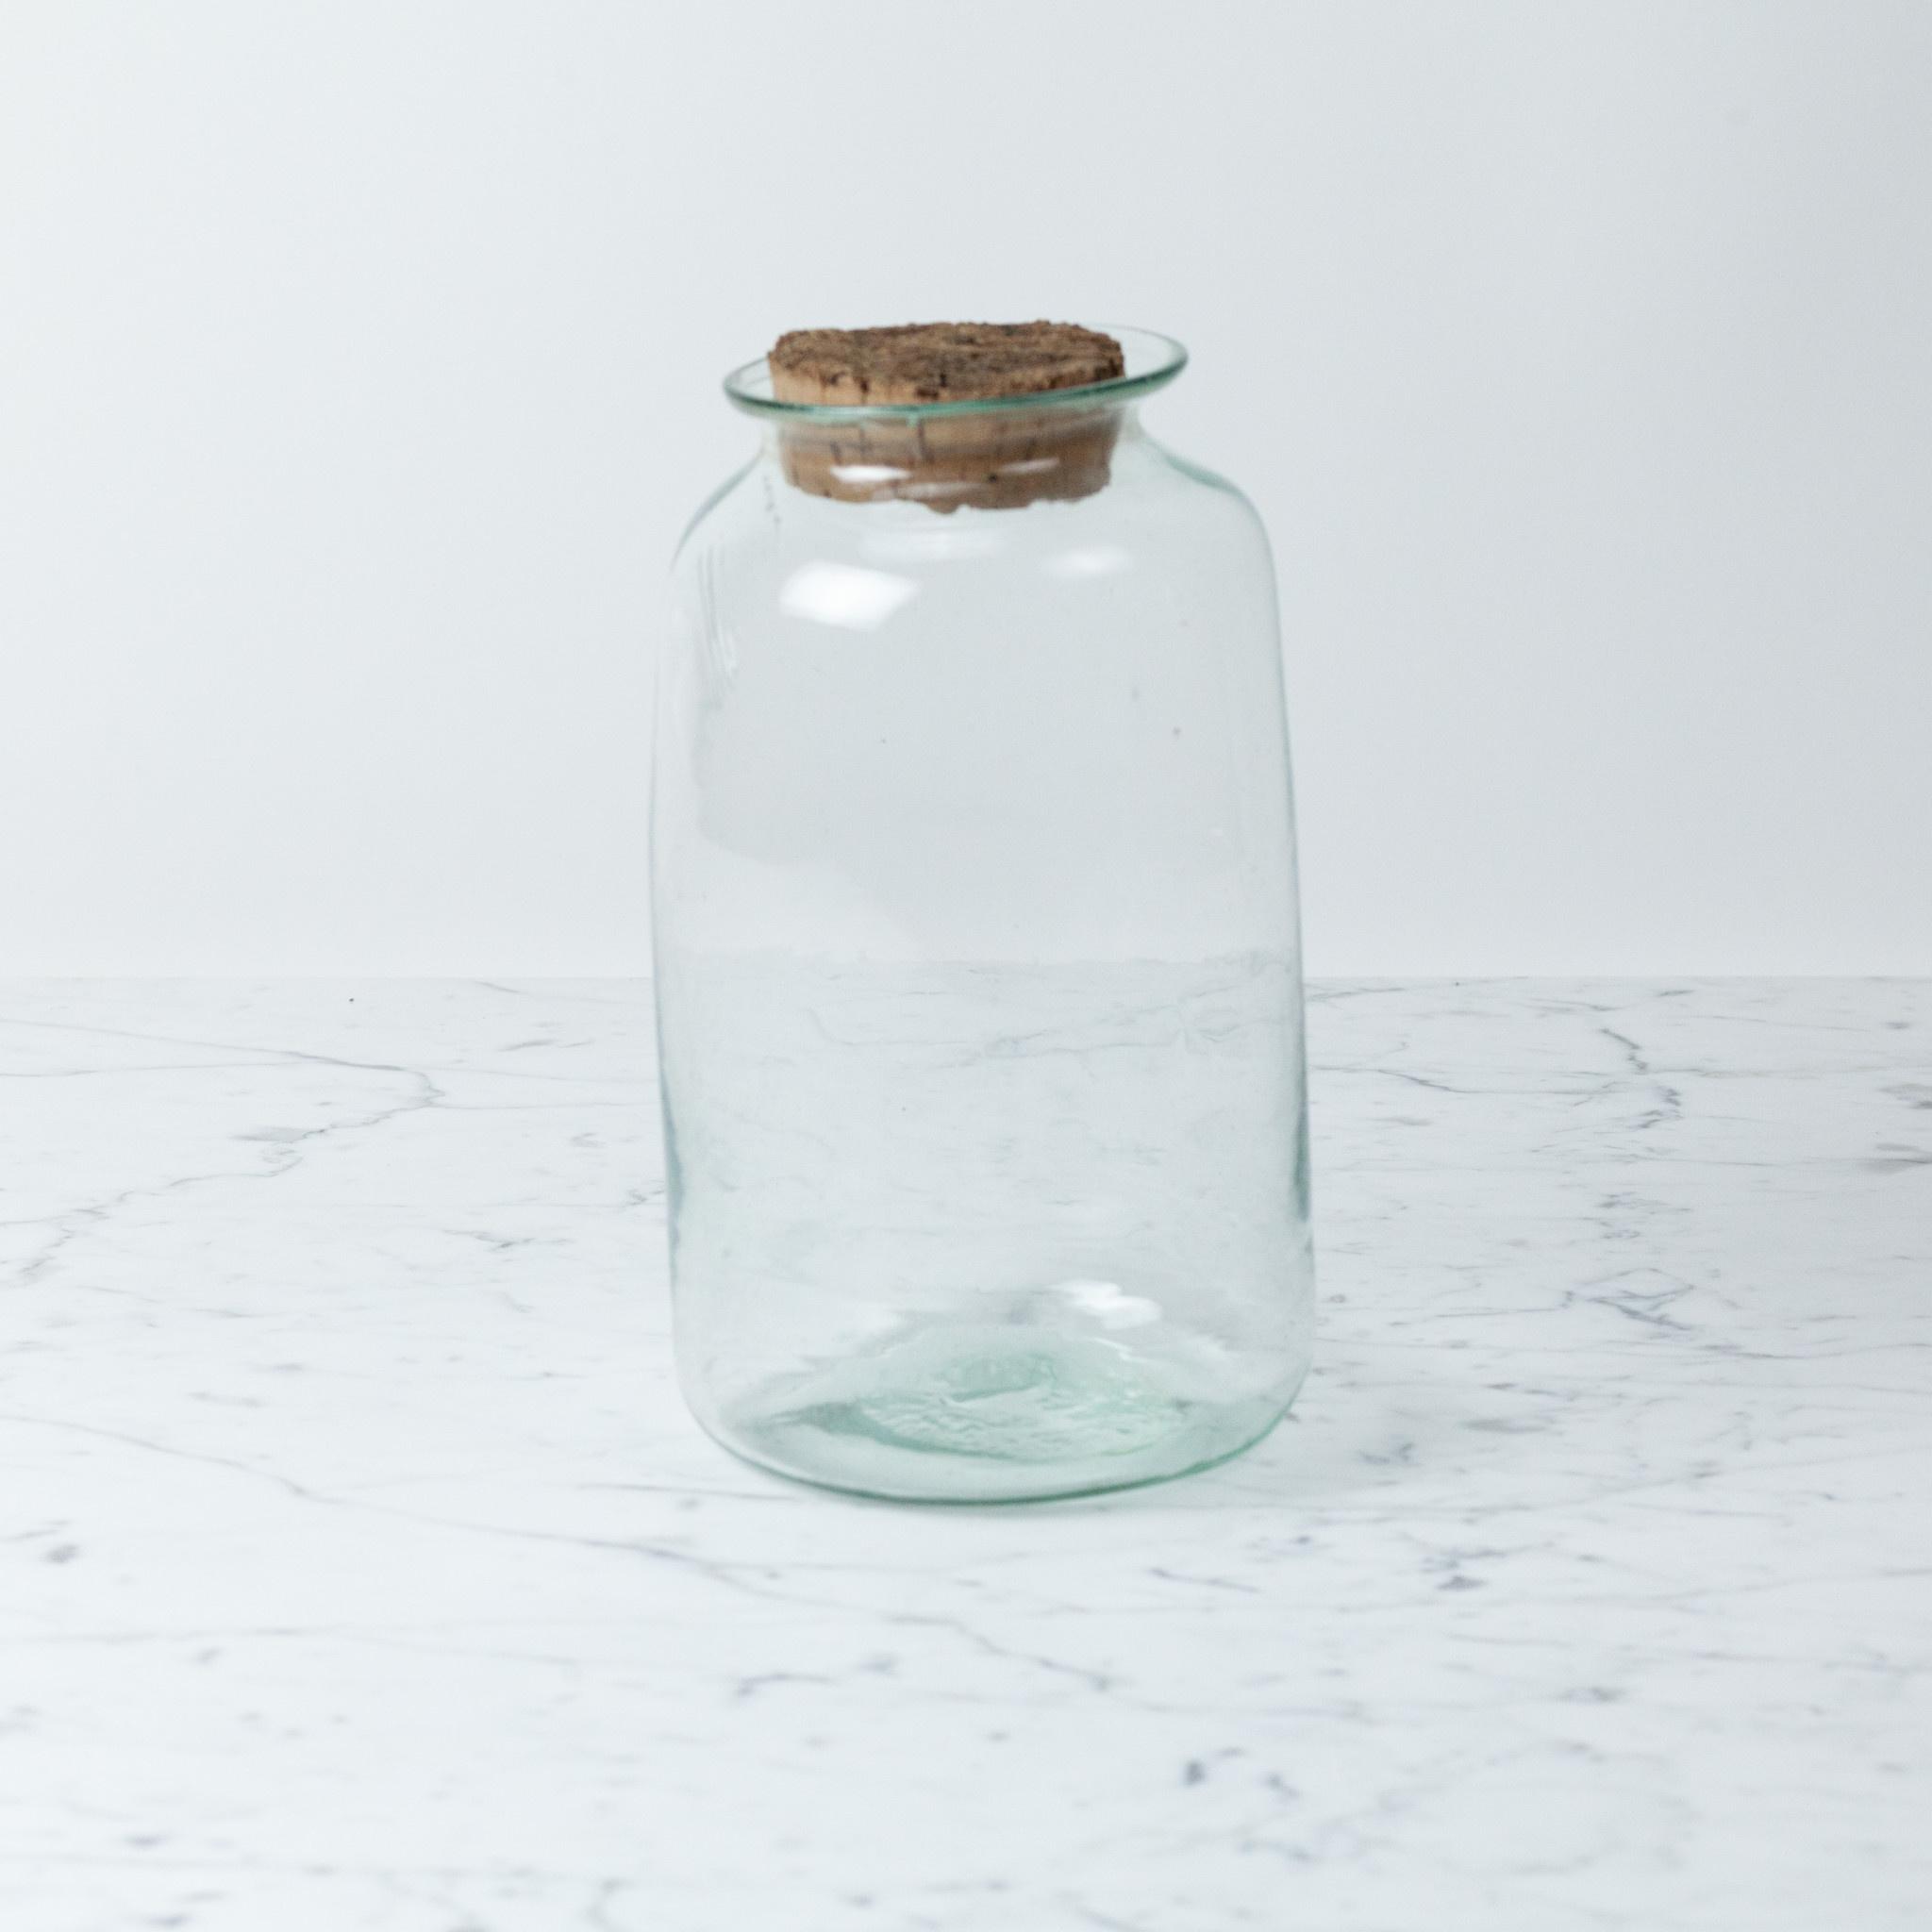 La Soufflerie Hand Blown Pharmacy Storage Jar with Cork Top